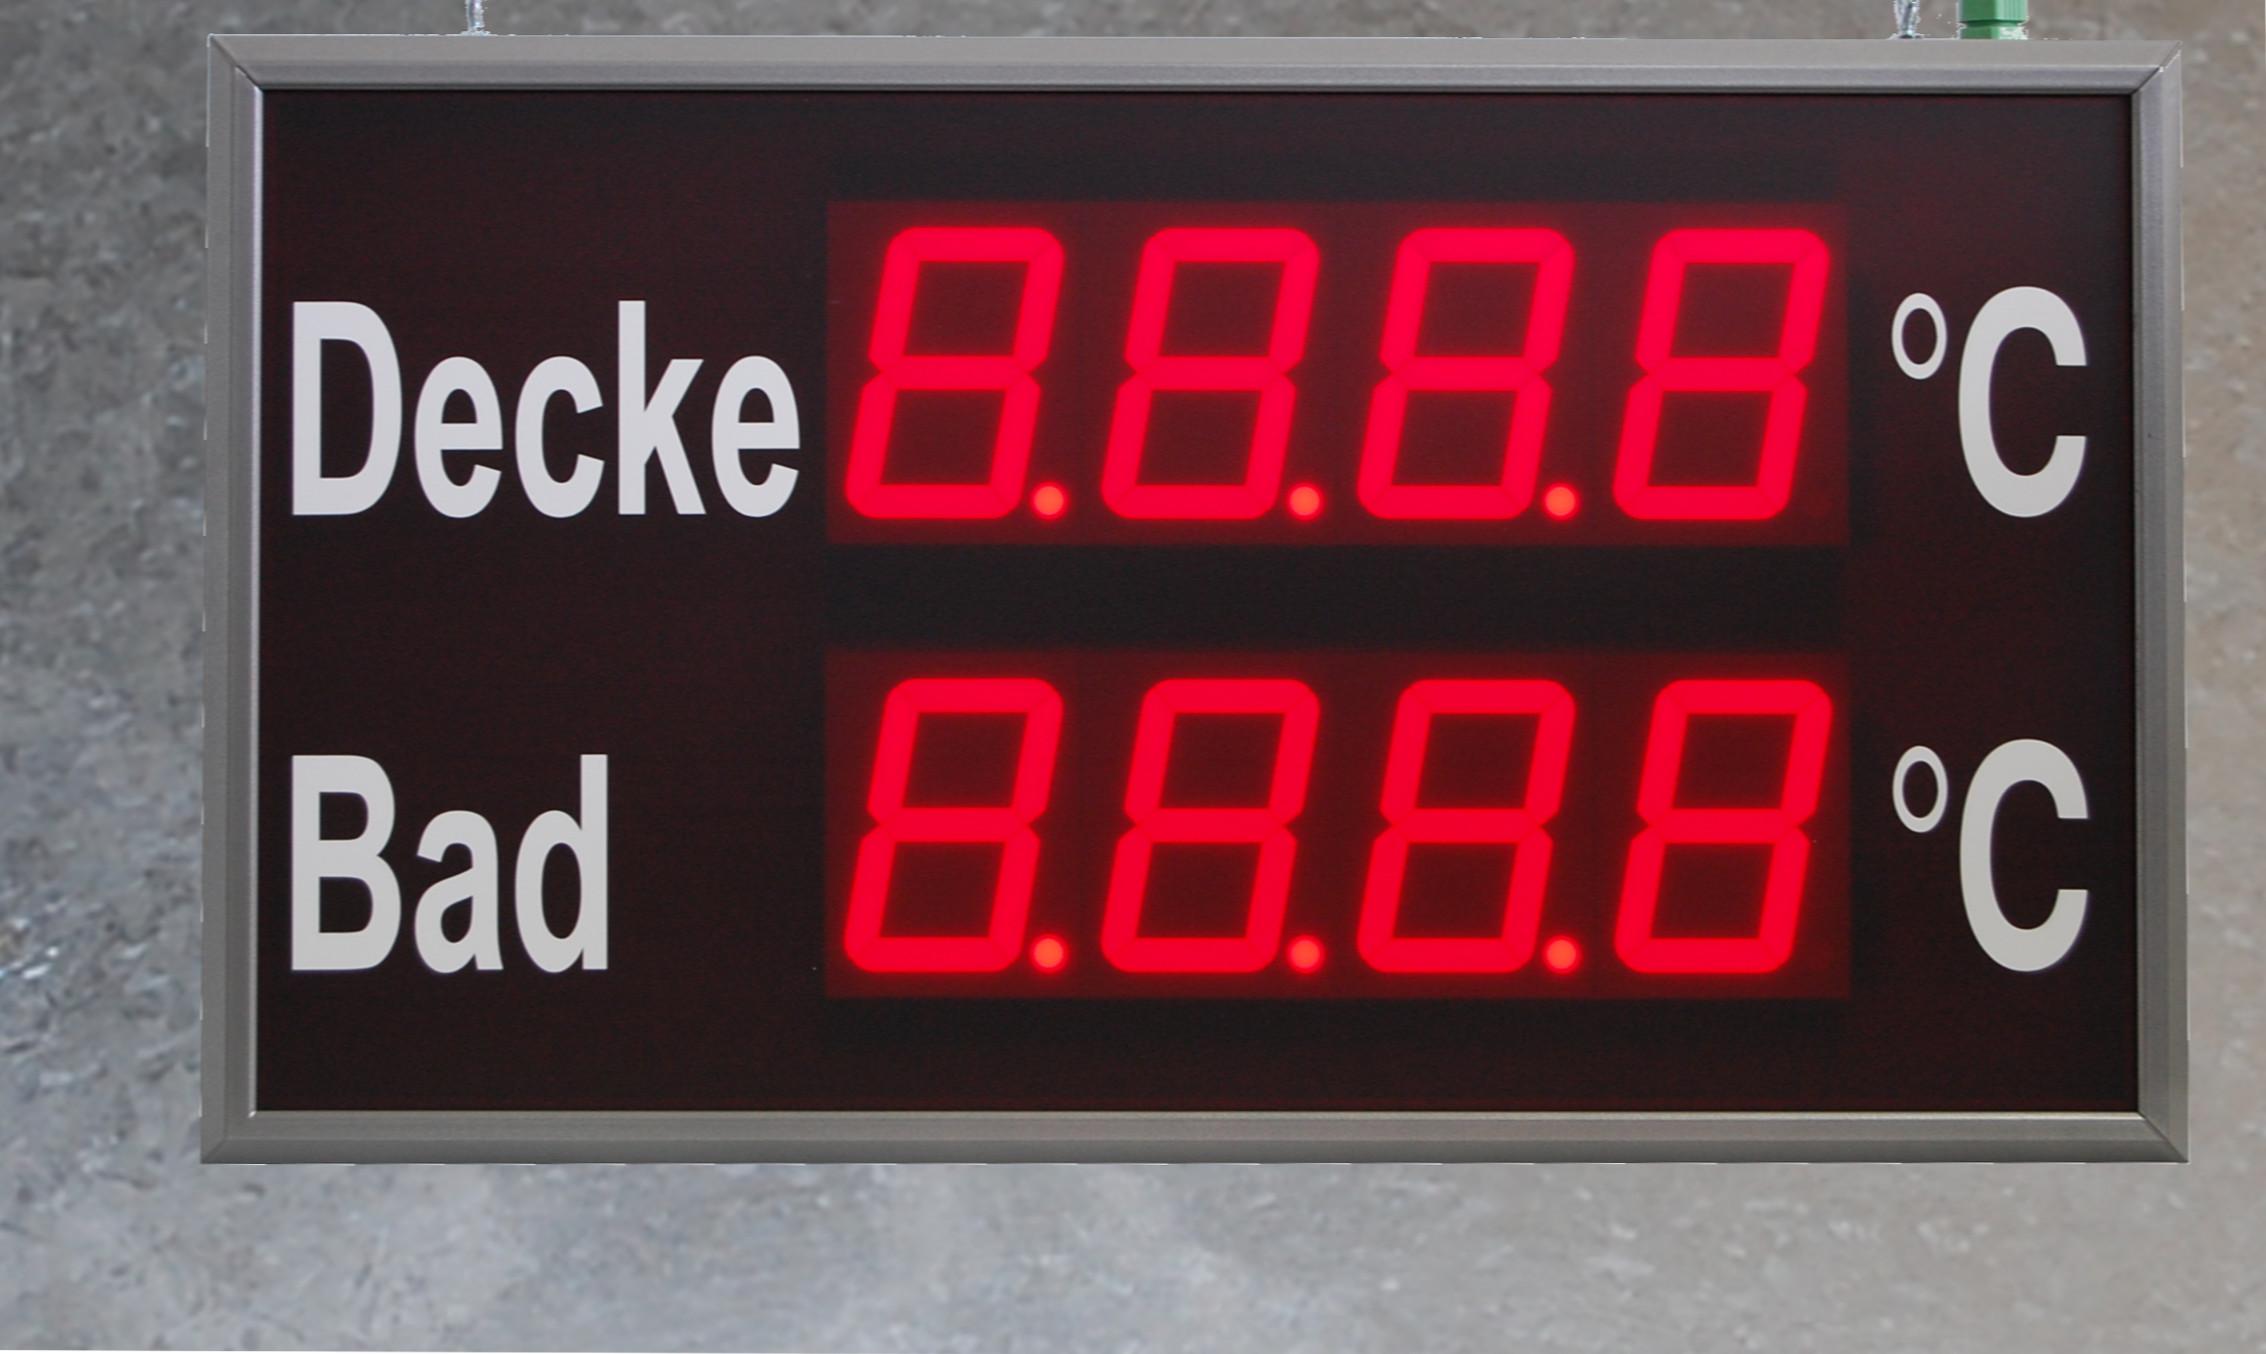 Numerische LED Großanzeige, Temperaturmessung, Zeichenhöhe 100 mm, Abmessungen 400x800x100 mm